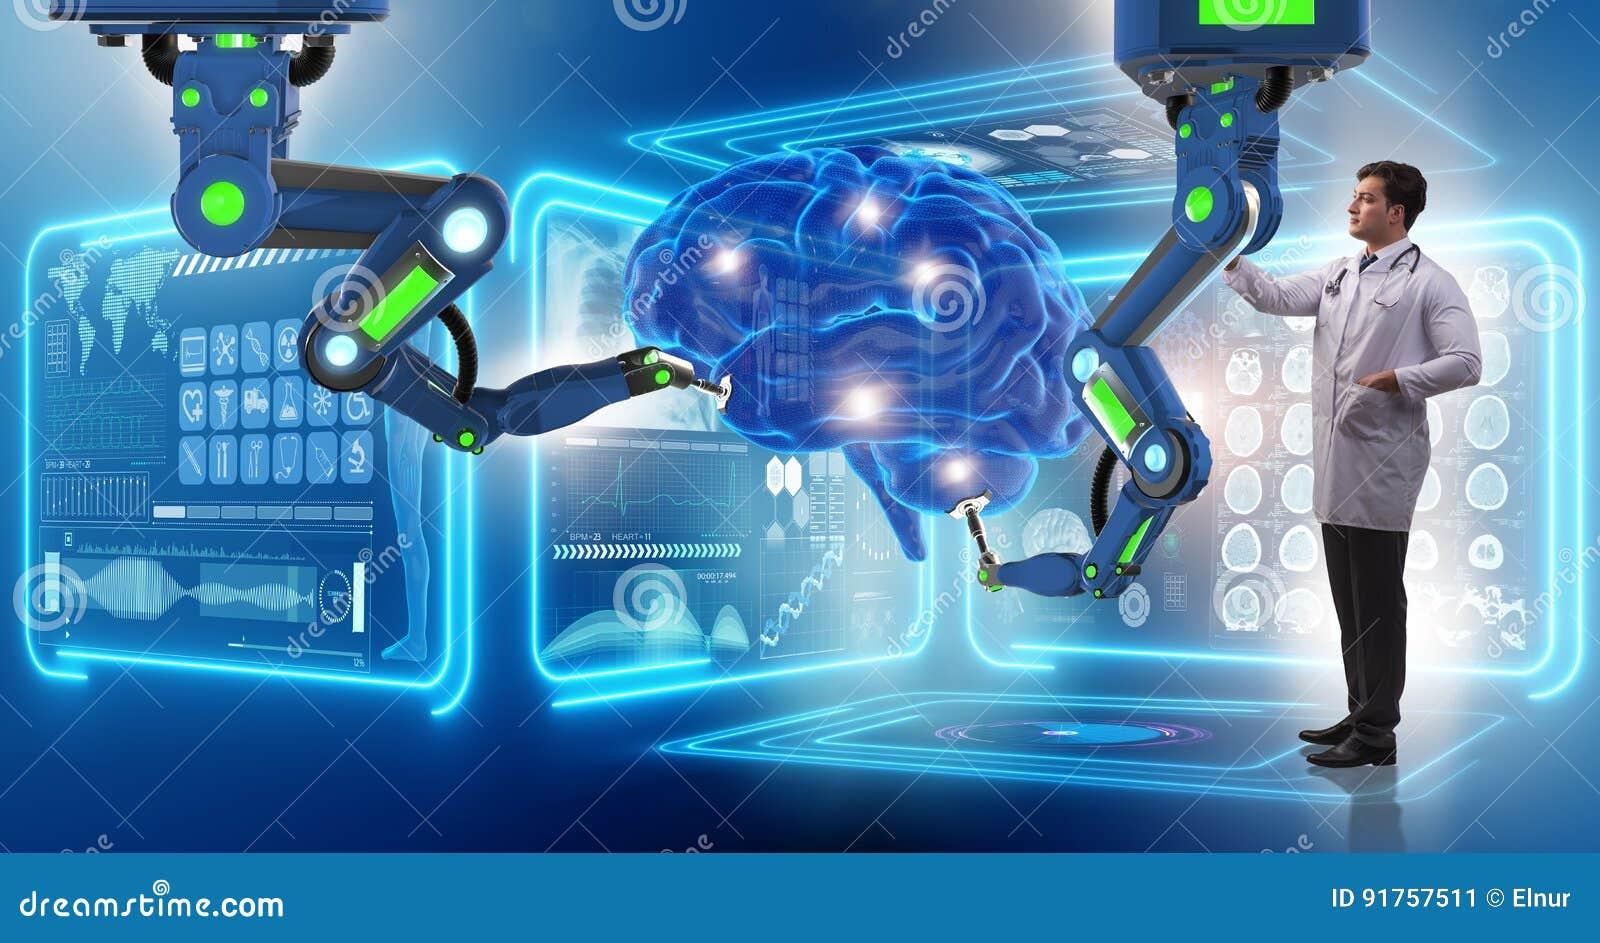 机器人胳膊完成的脑部手术